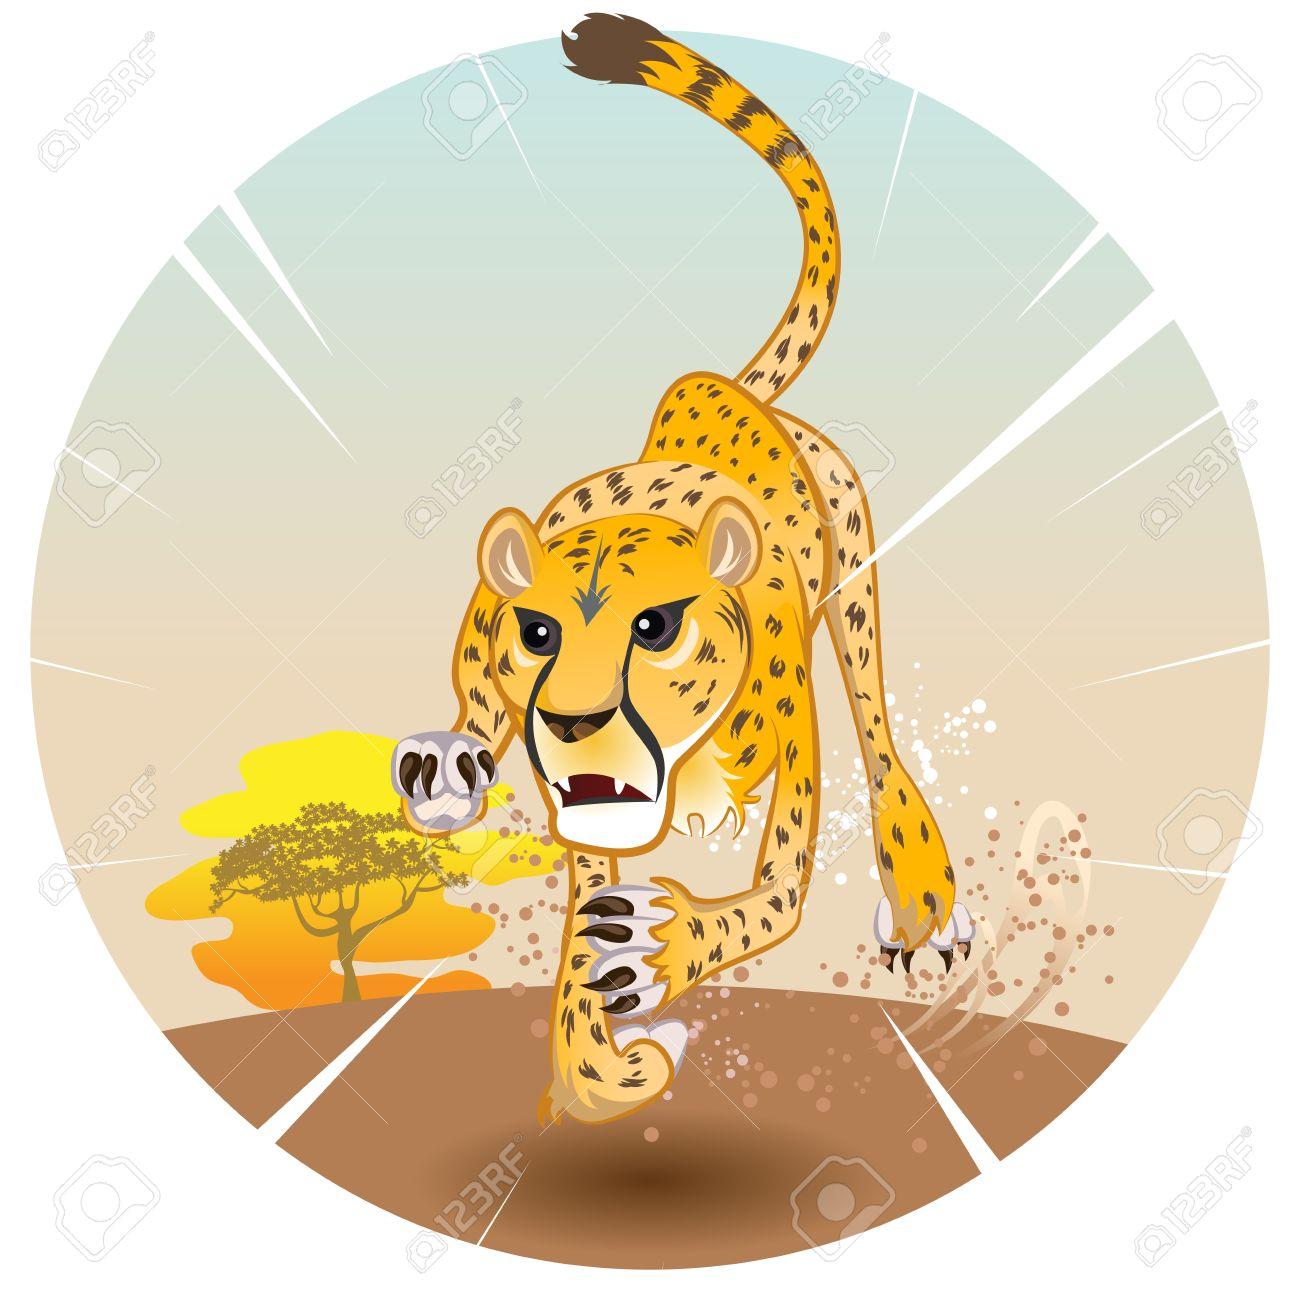 Cheetah King Of Speed In Pursuit Of Prey On Savannah Royalty Free.